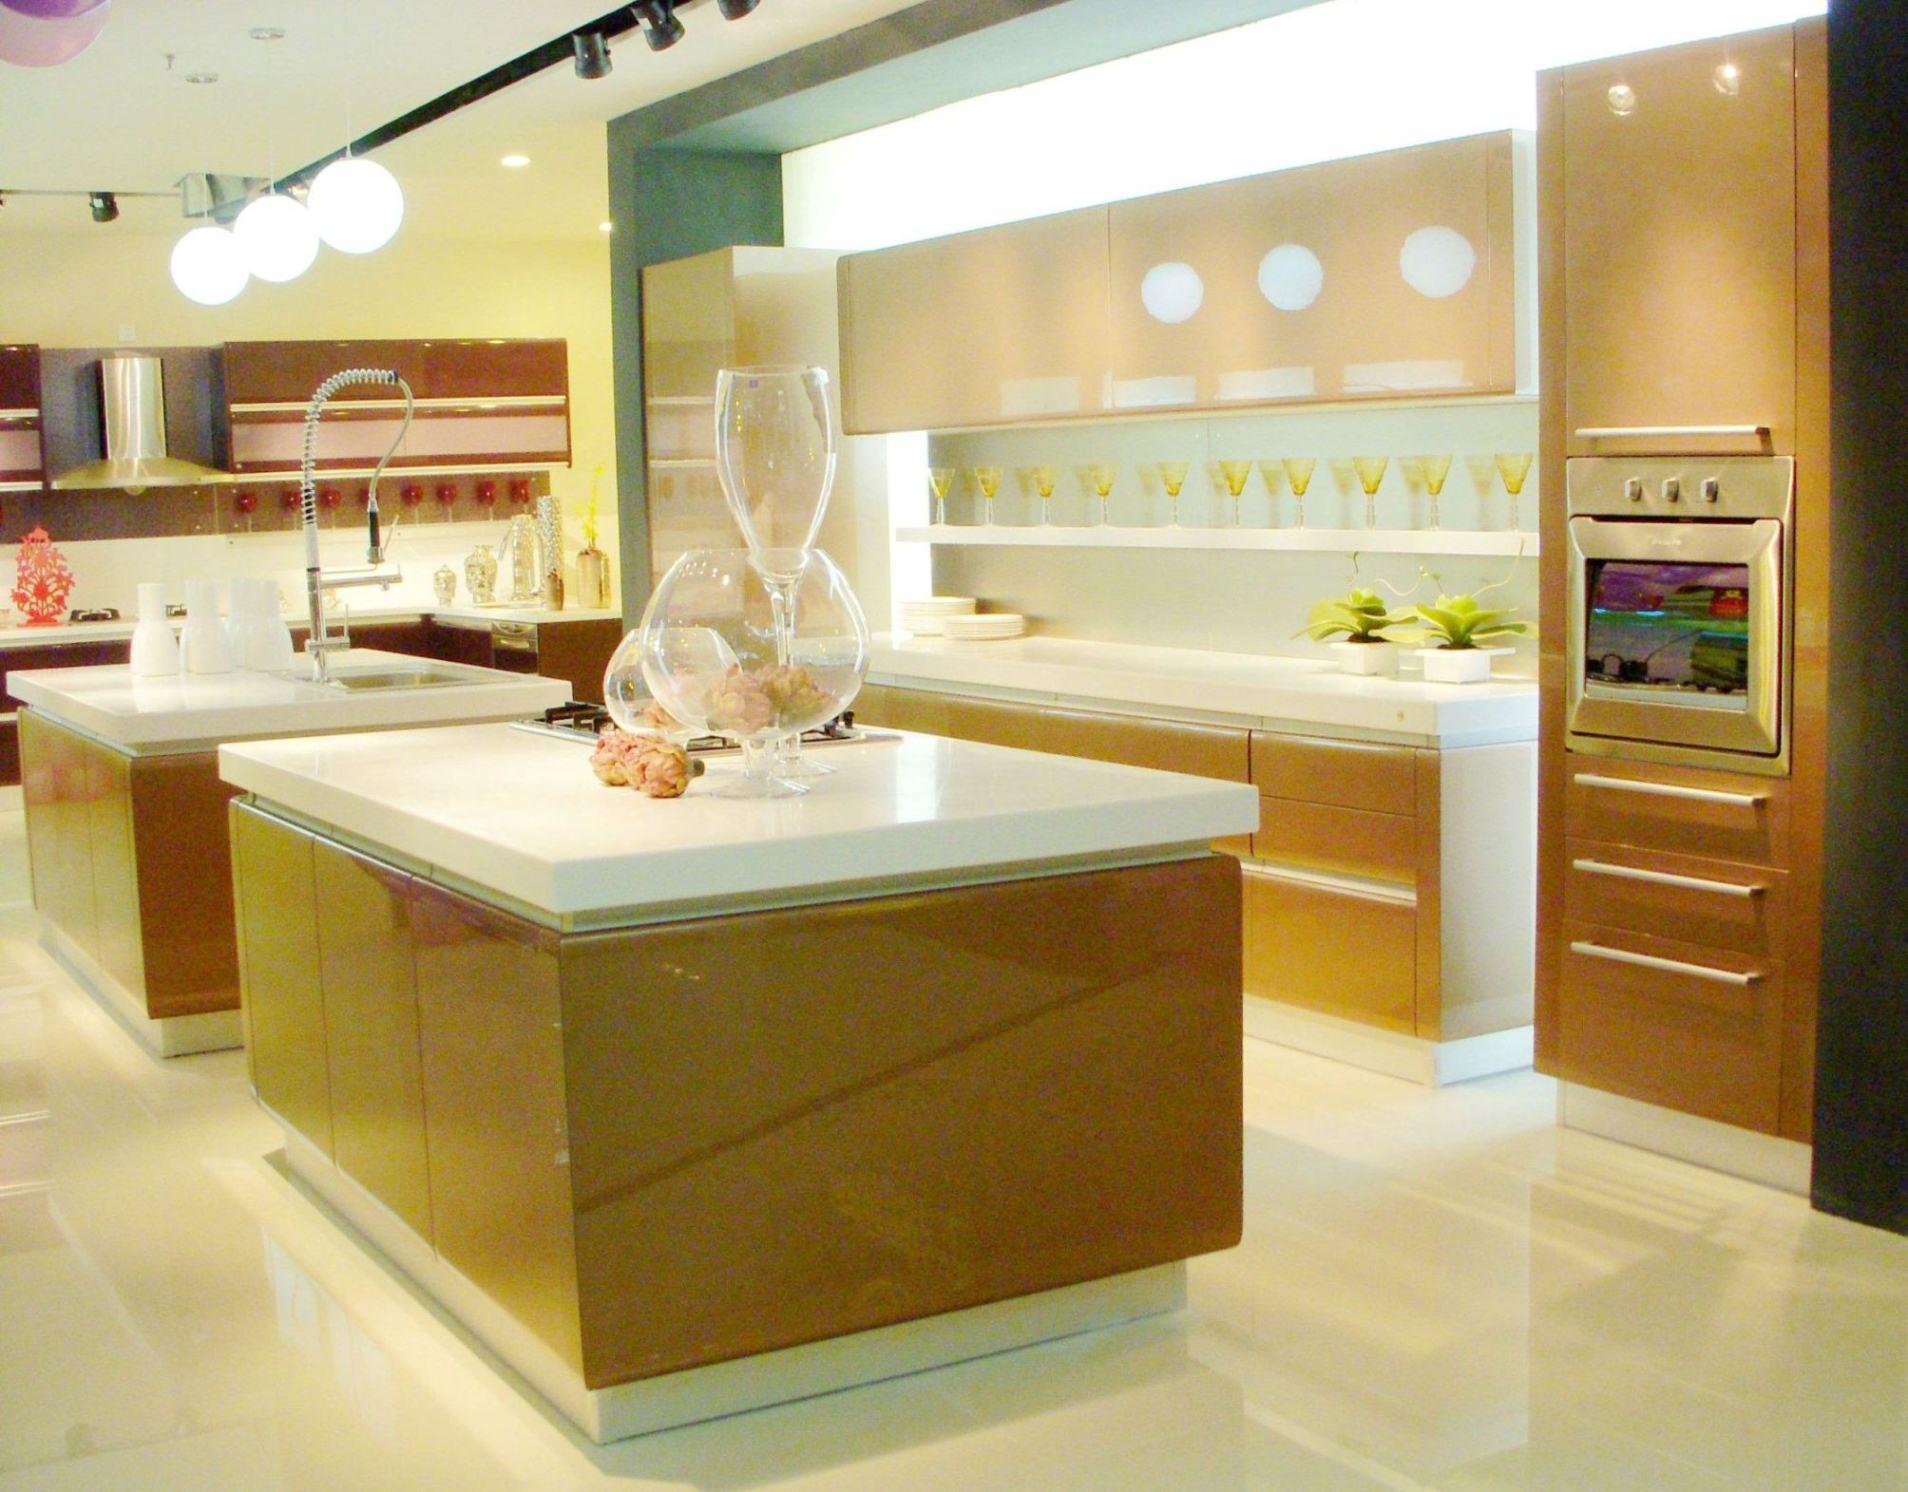 Cocer al horno los muebles de la cocina de la pintura - Pintura para muebles de cocina ...